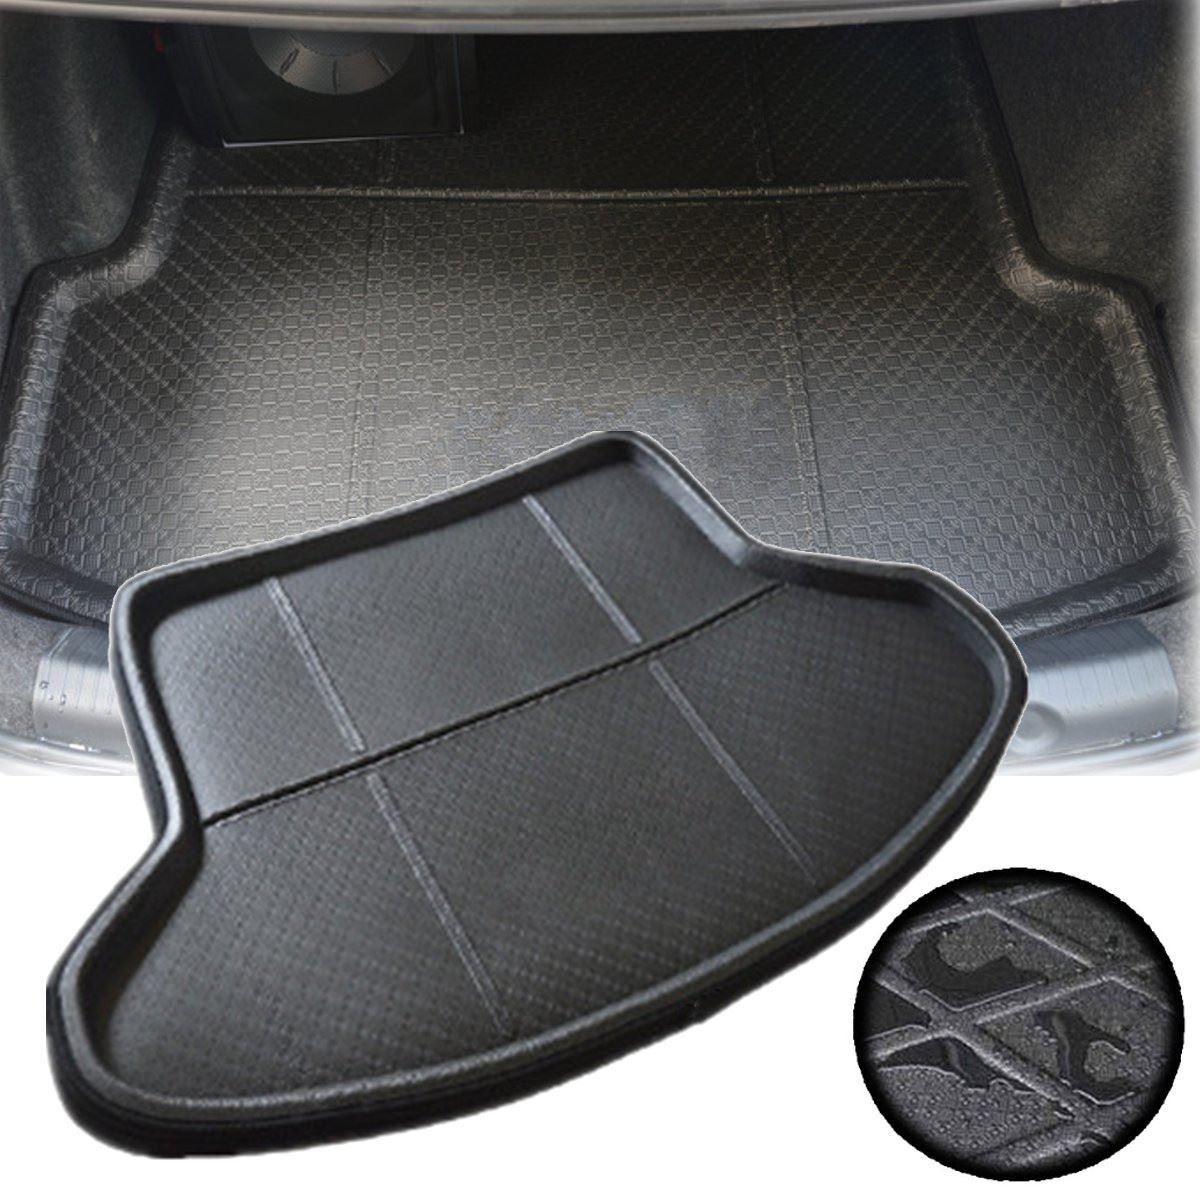 Auto Kofferraum Cargo-Liner Teppich Wasserdichte Kissen Mat Liner Hinteren Koffer Für Toyota Prius 2008-2012 Boden Schutzhülle matten